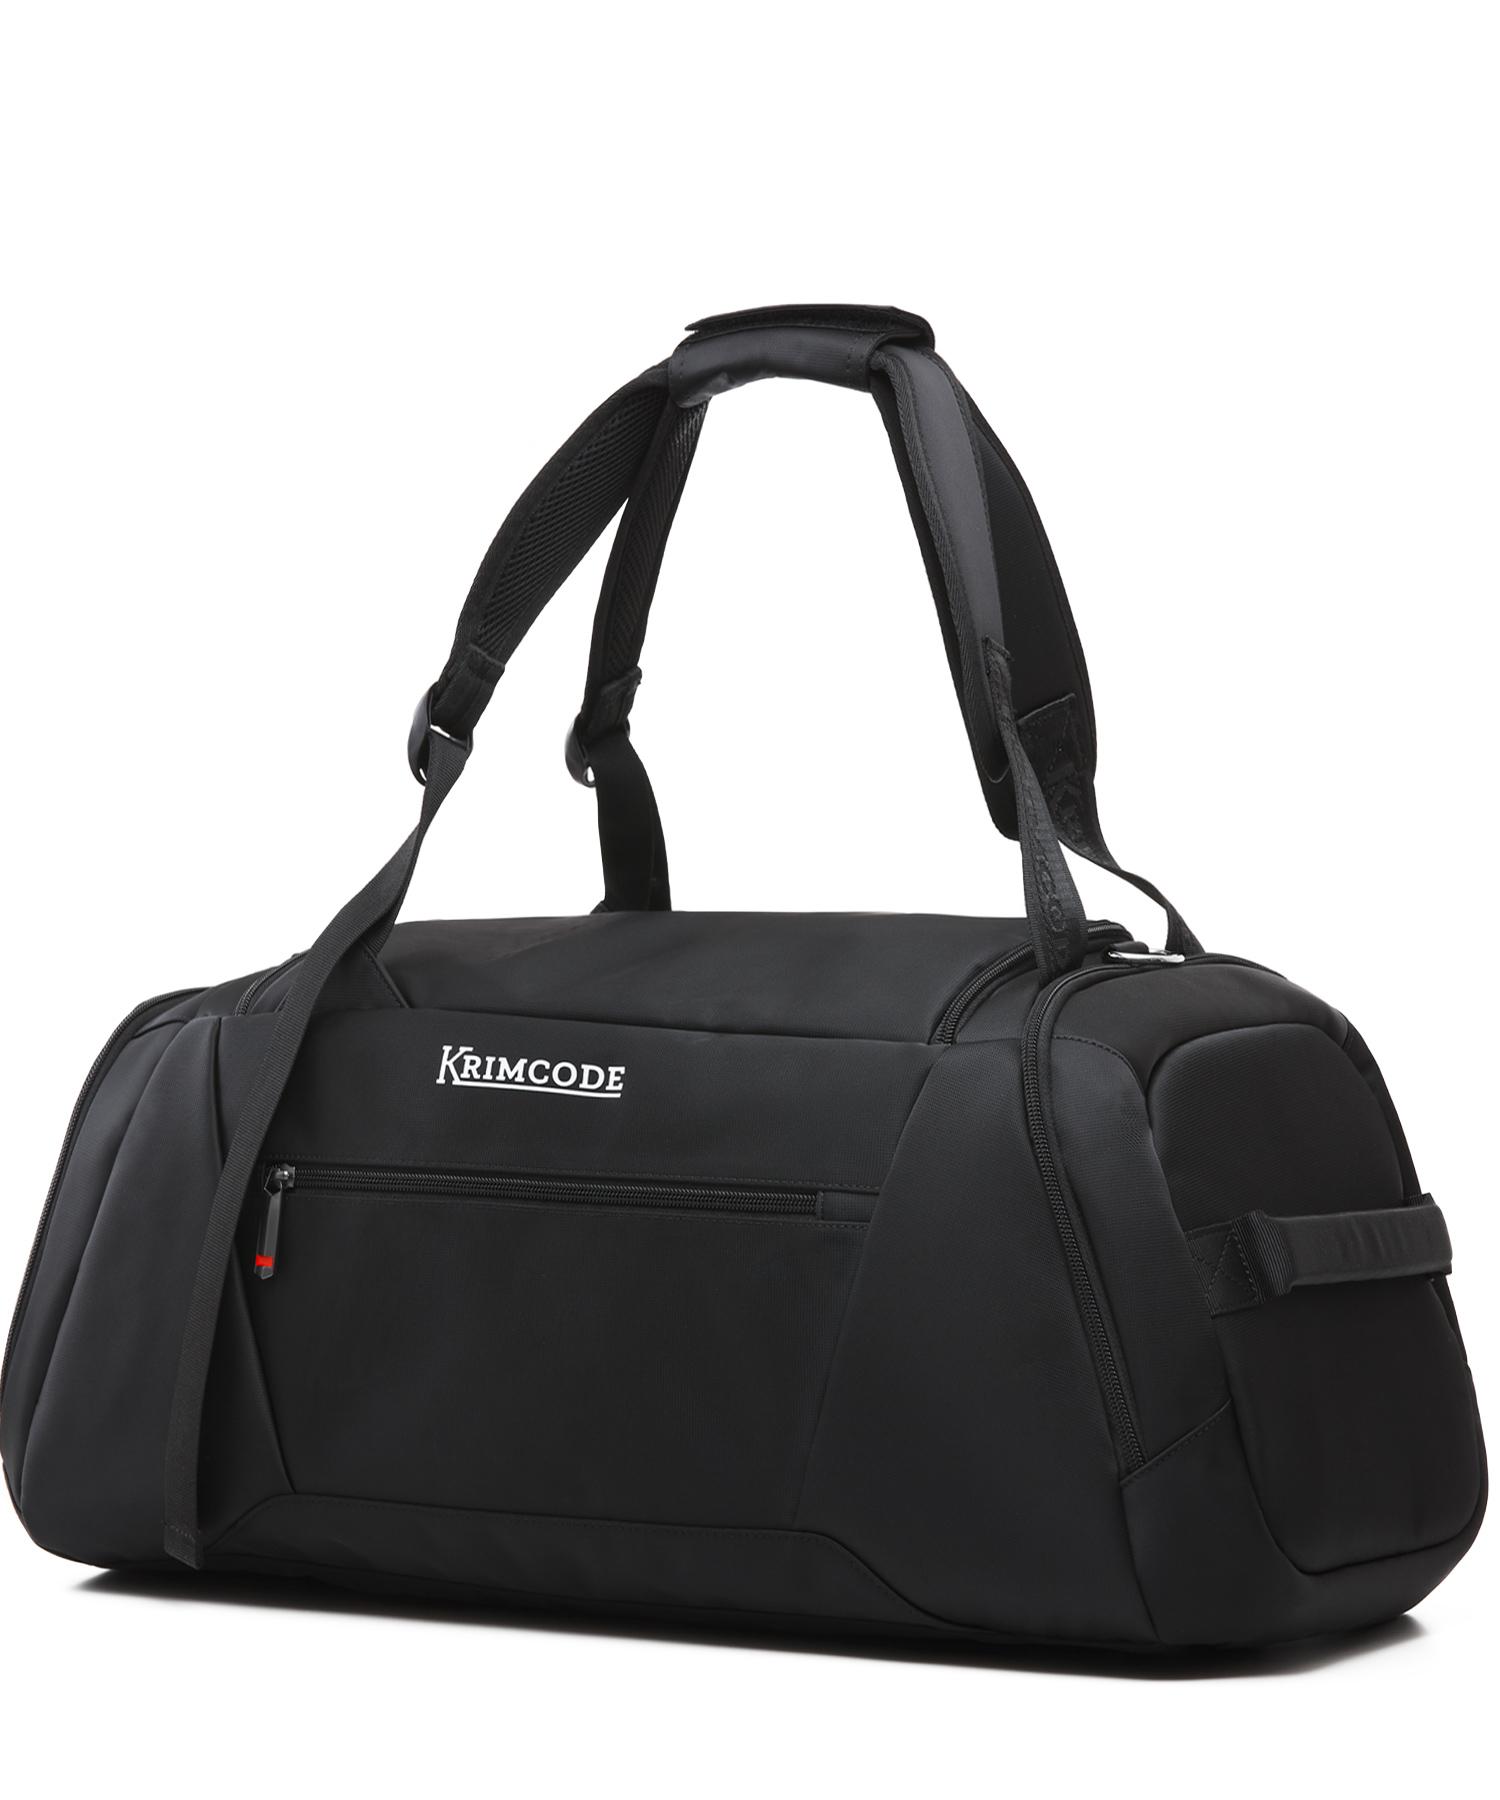 krimcode sport attire duffel bag